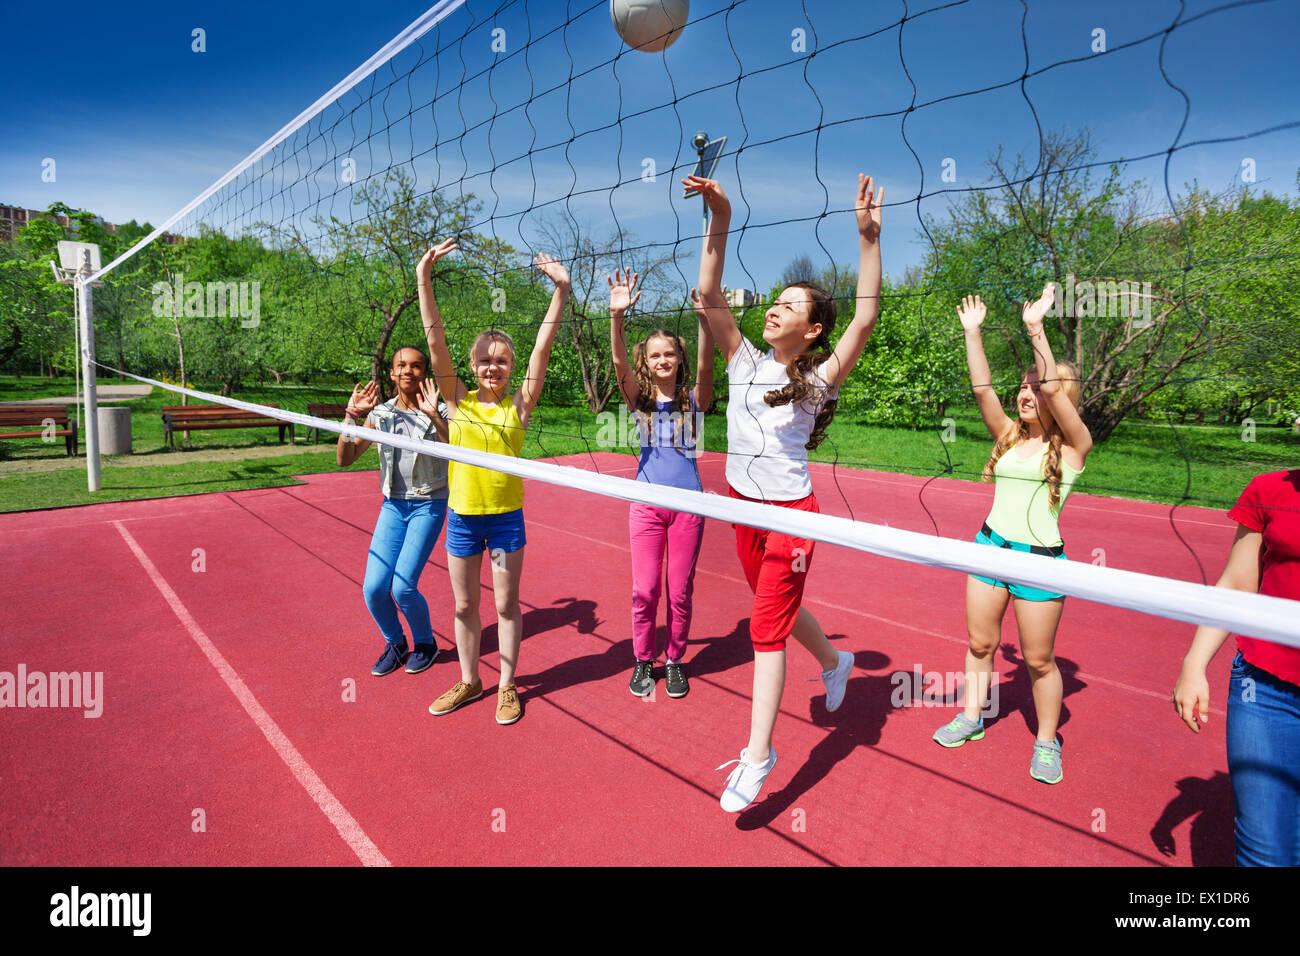 Juego de voleibol ver con adolescentes que juegan Imagen De Stock